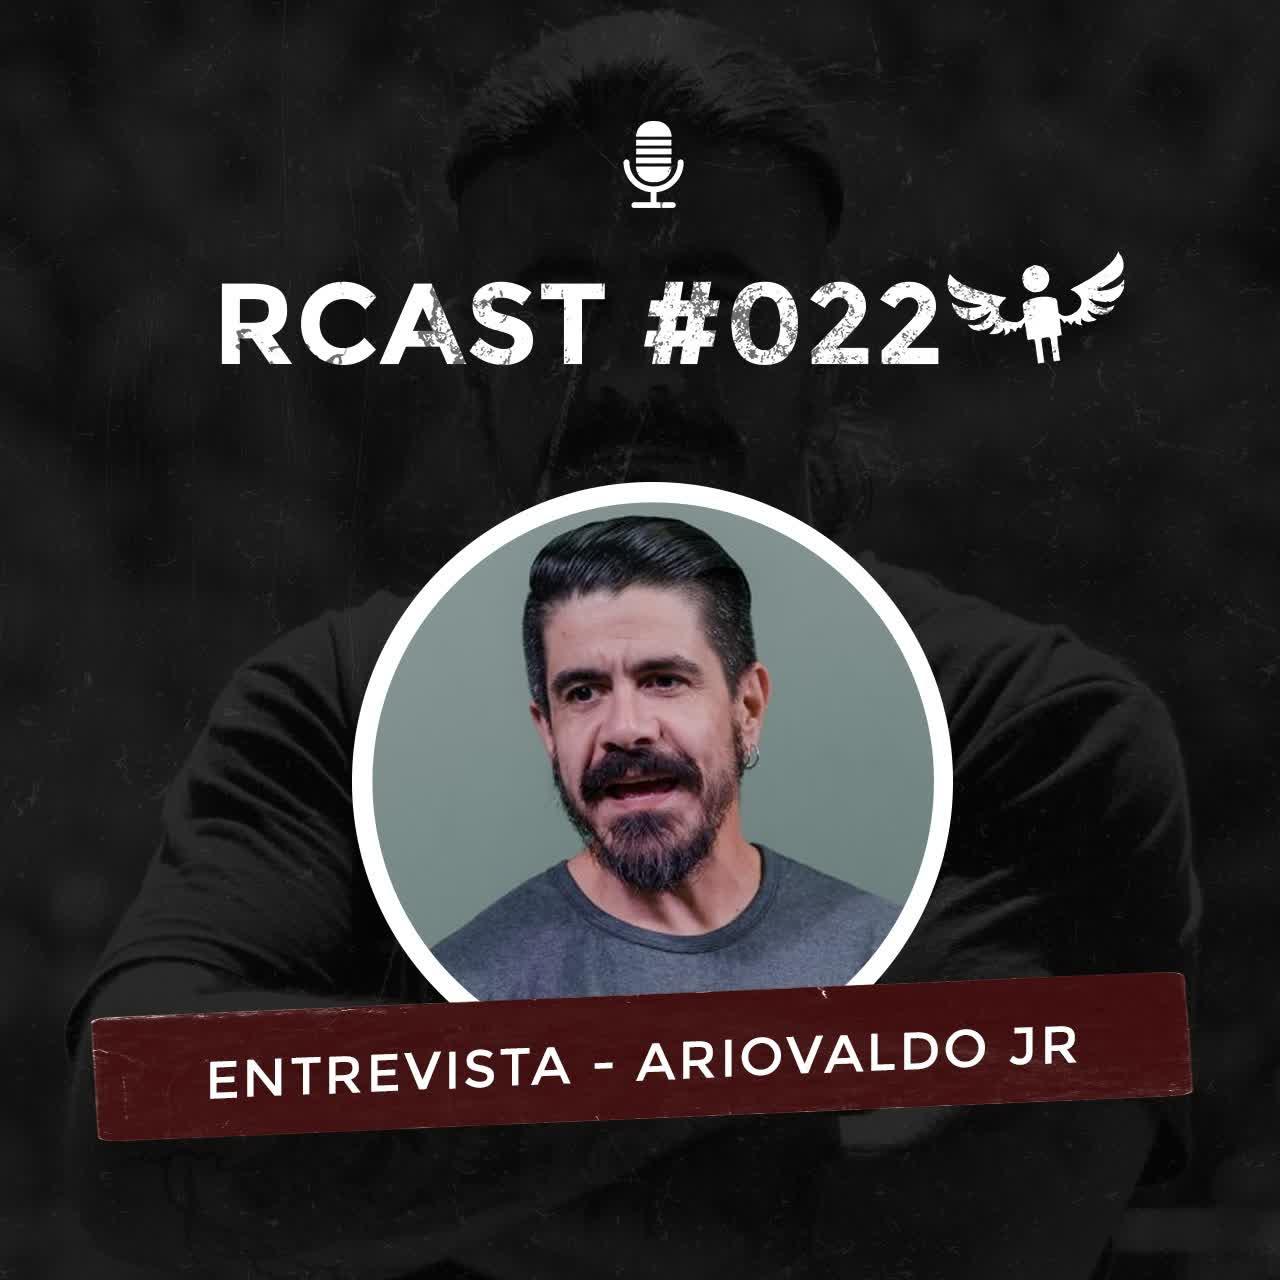 RCast #022 - ENTREVISTA COM ARIOVALDO JR